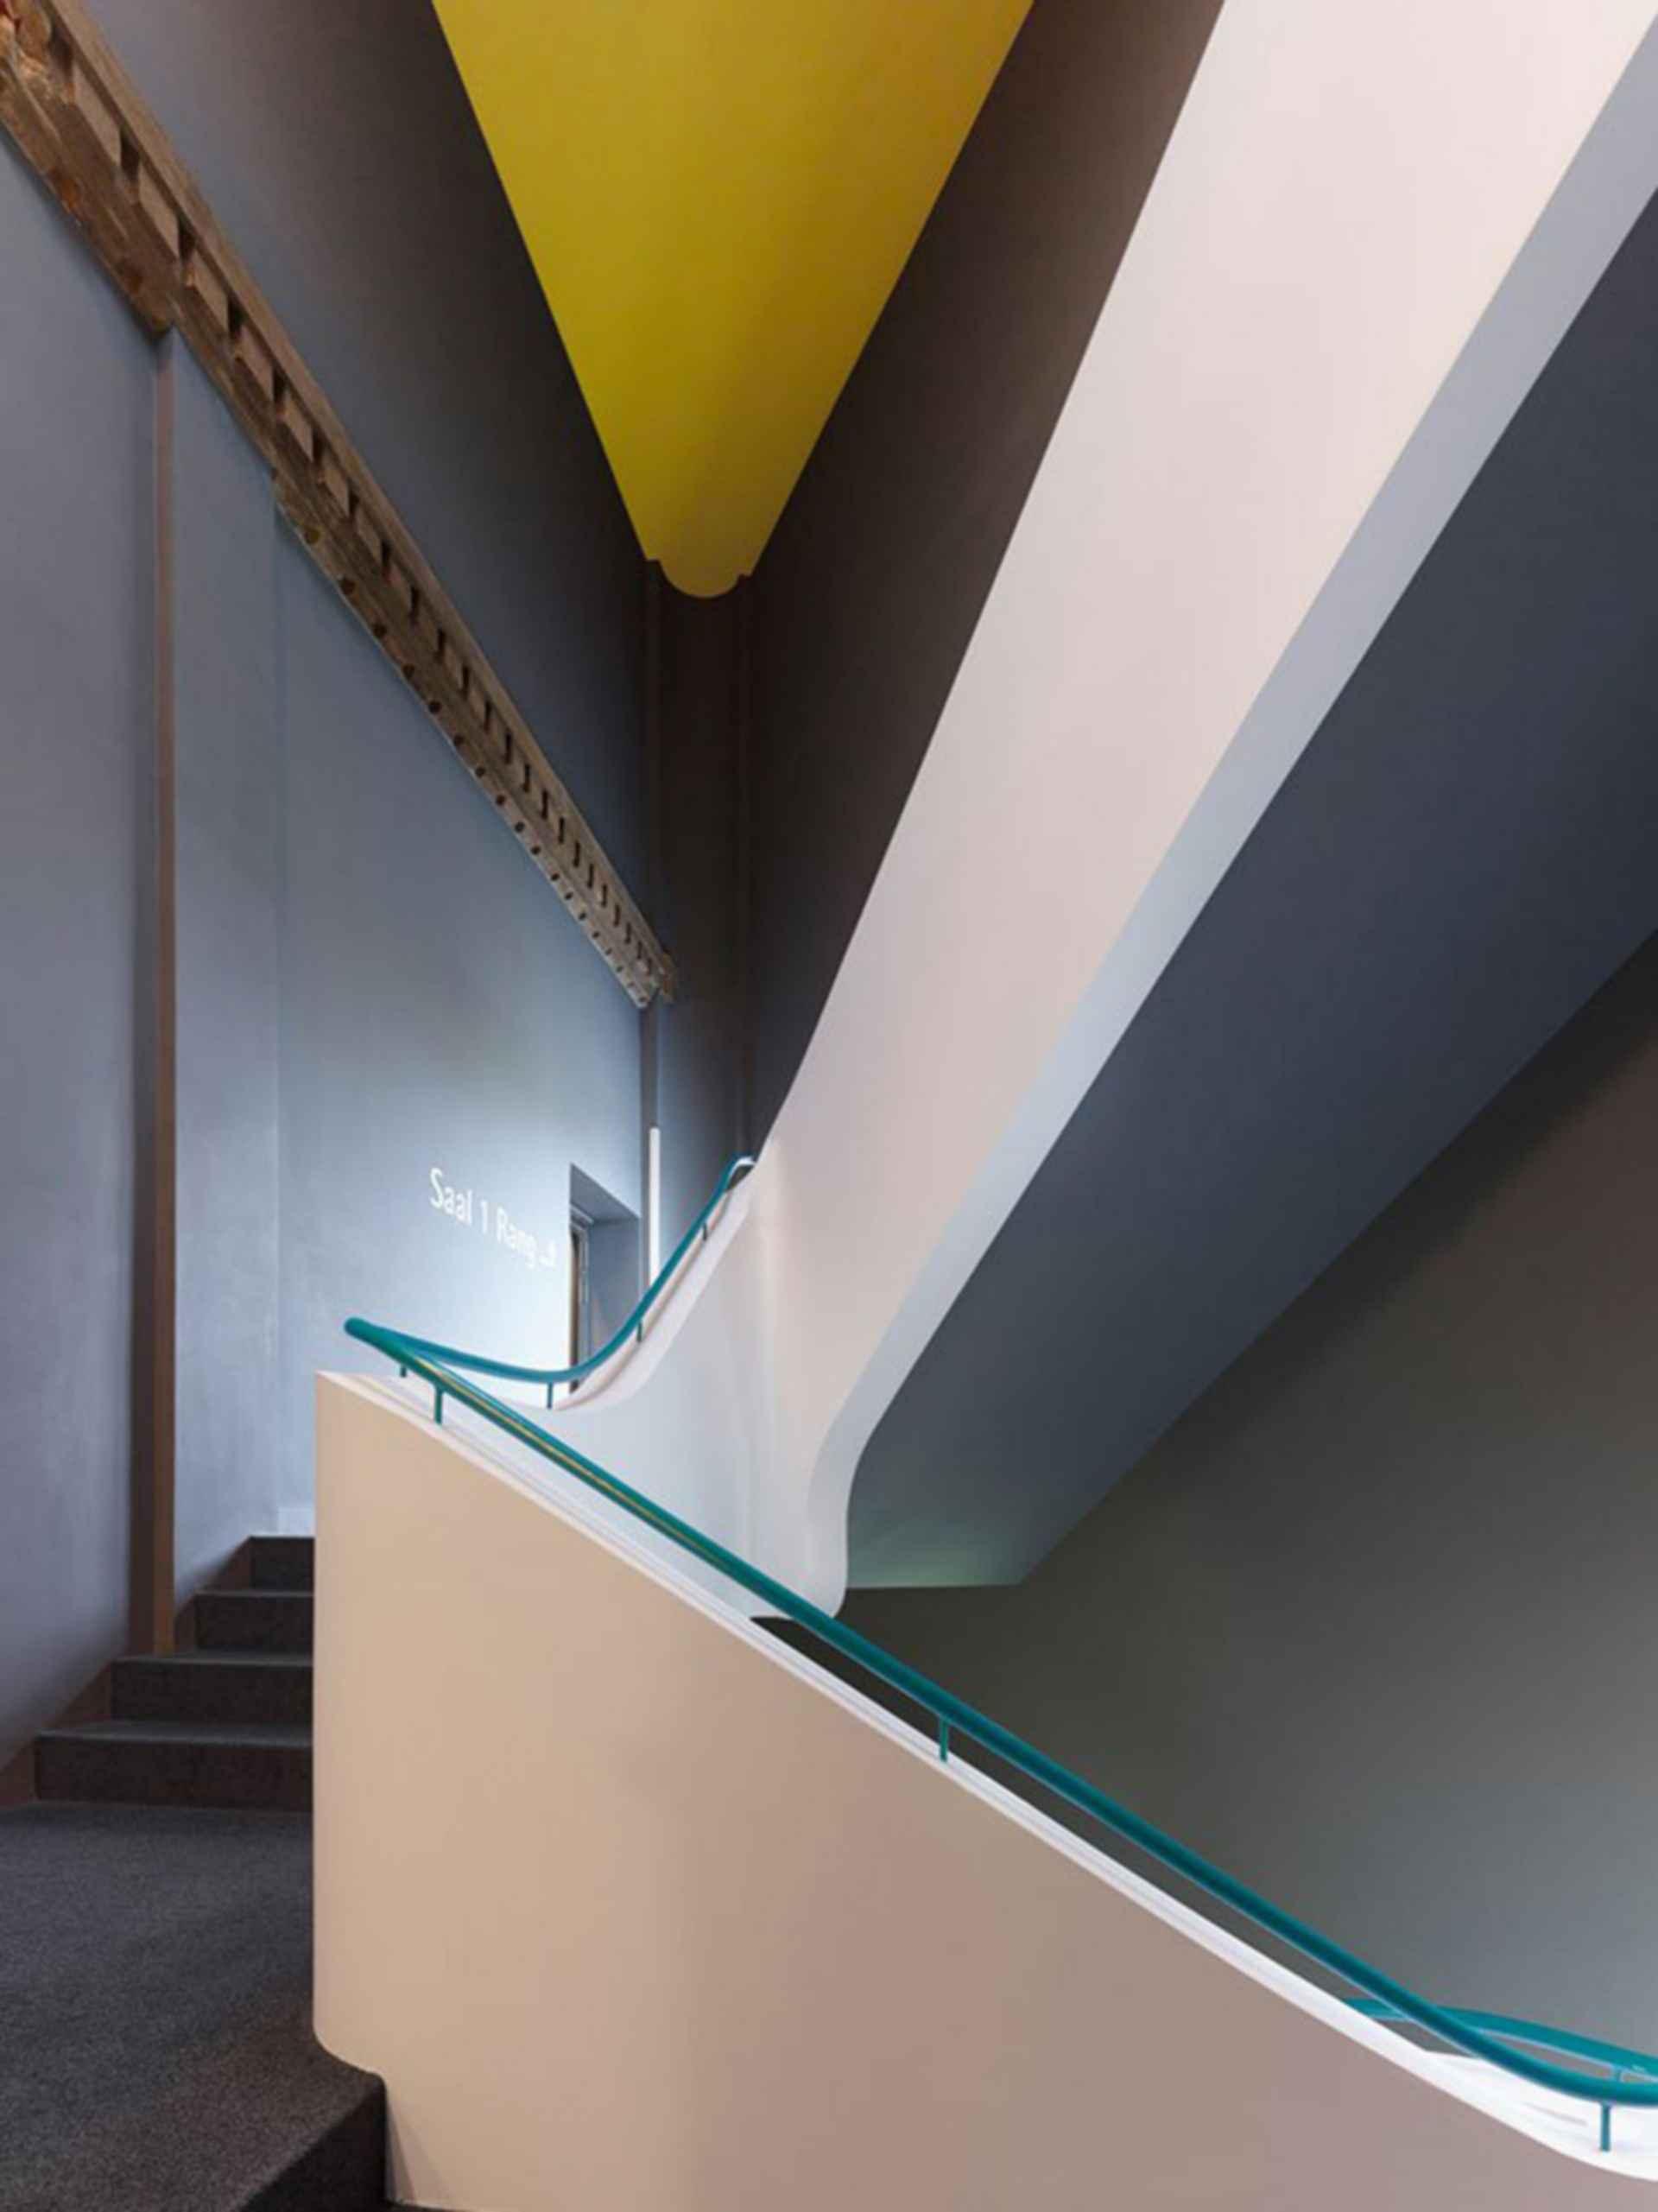 Filmtheater Weltspiegel Cottbus - stairs